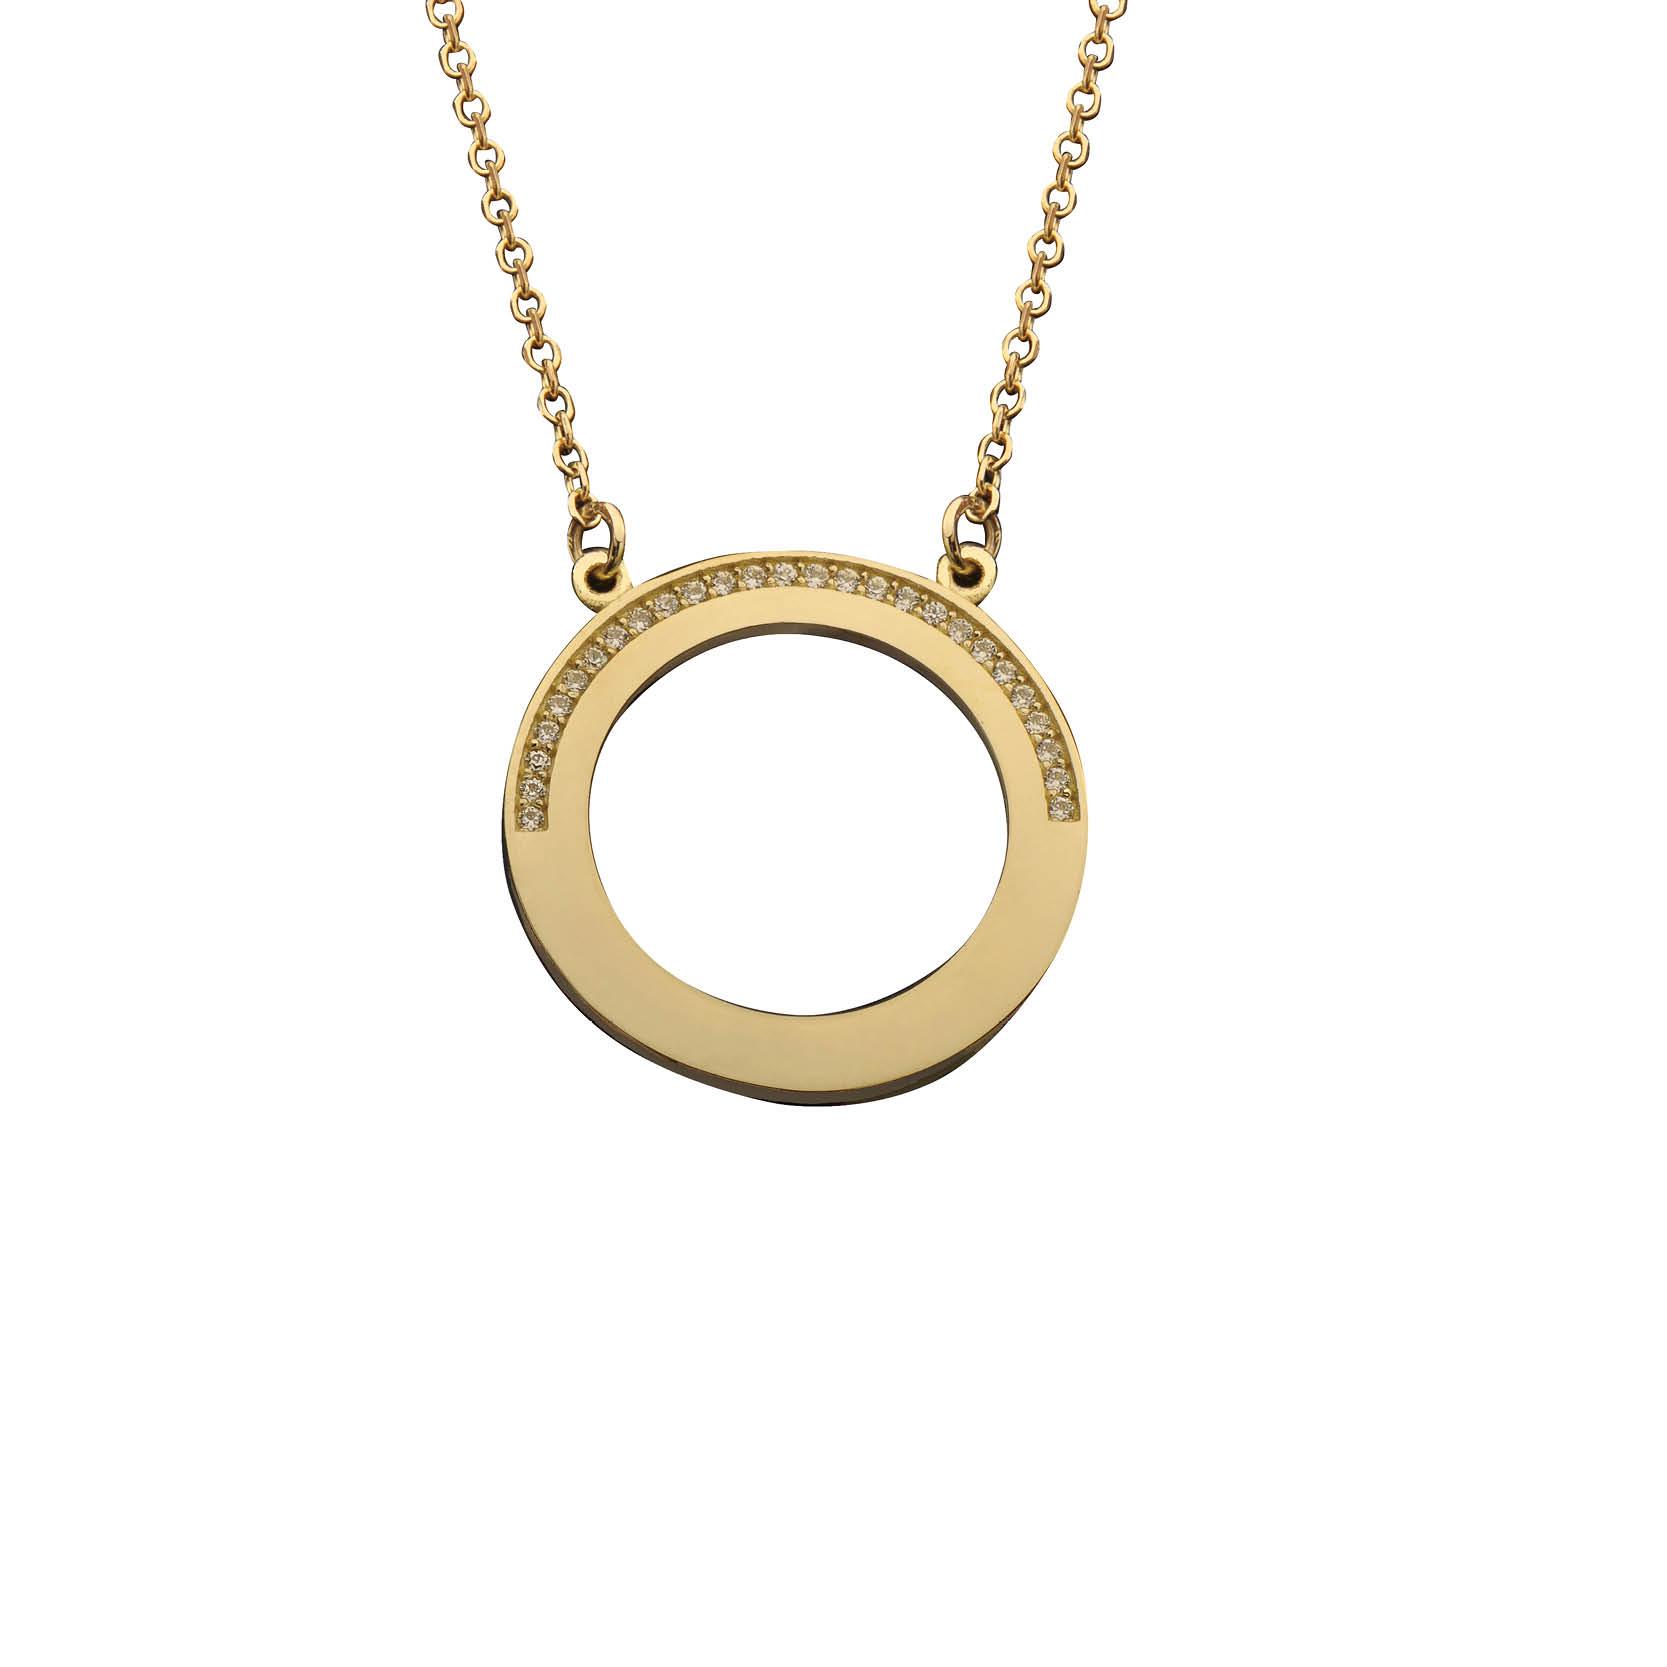 Κολιέ με Ζιργκόν Χρυσός Κ14 - 03Ν389